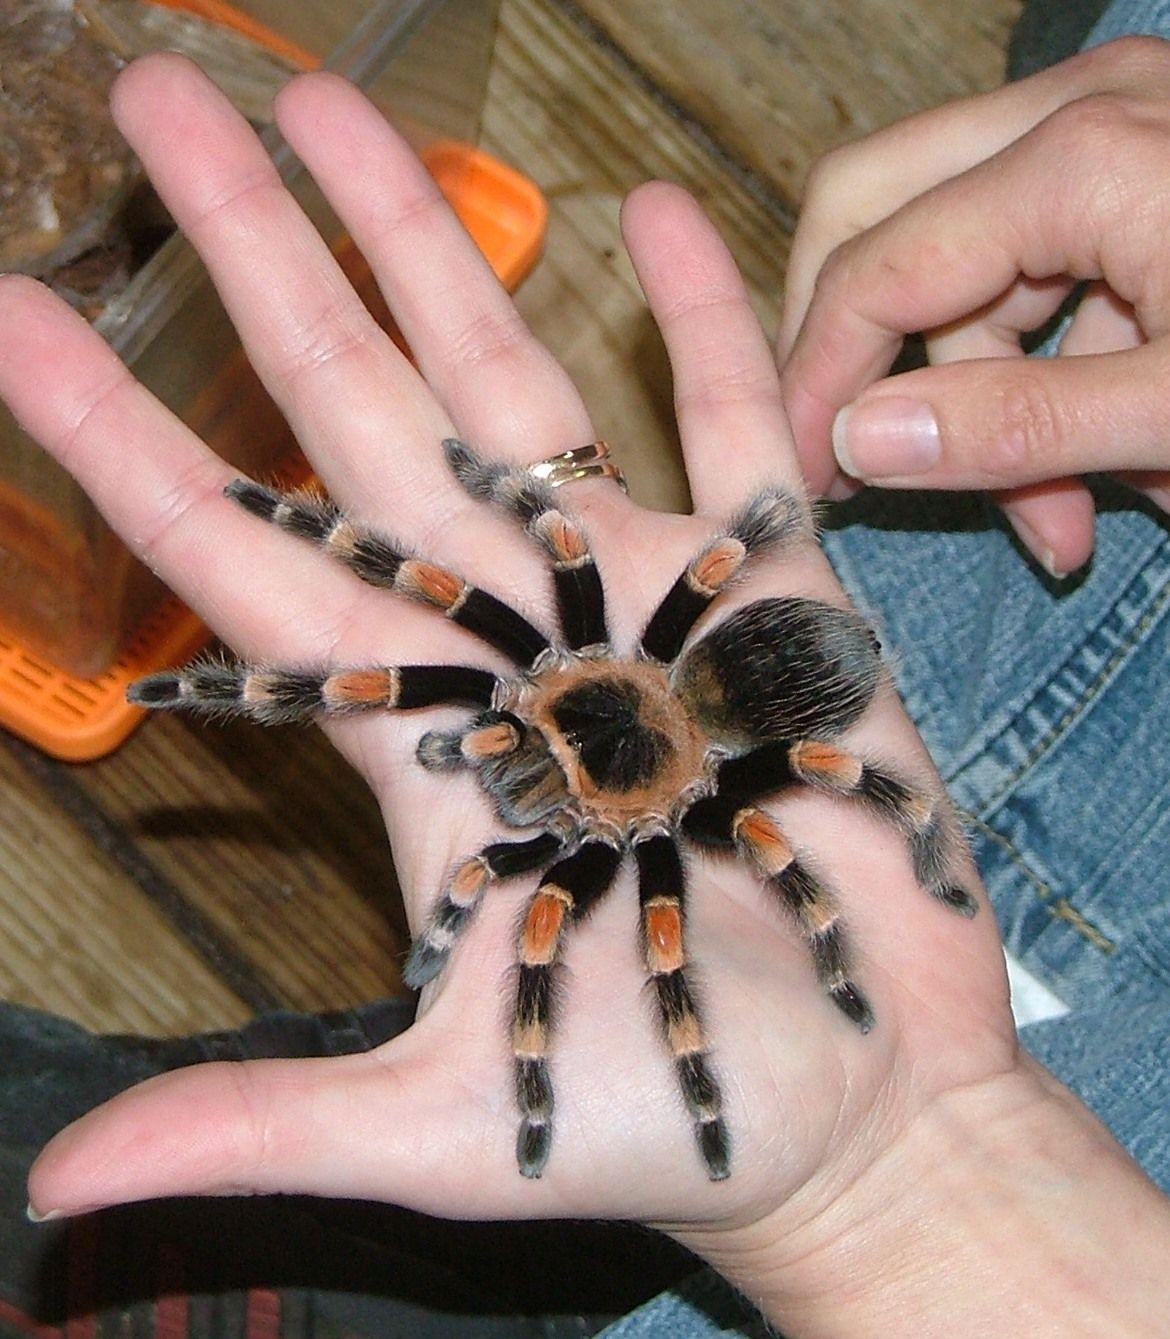 Pin de Jessie Muller en Animals | Pinterest | Araña, Insectos y ...